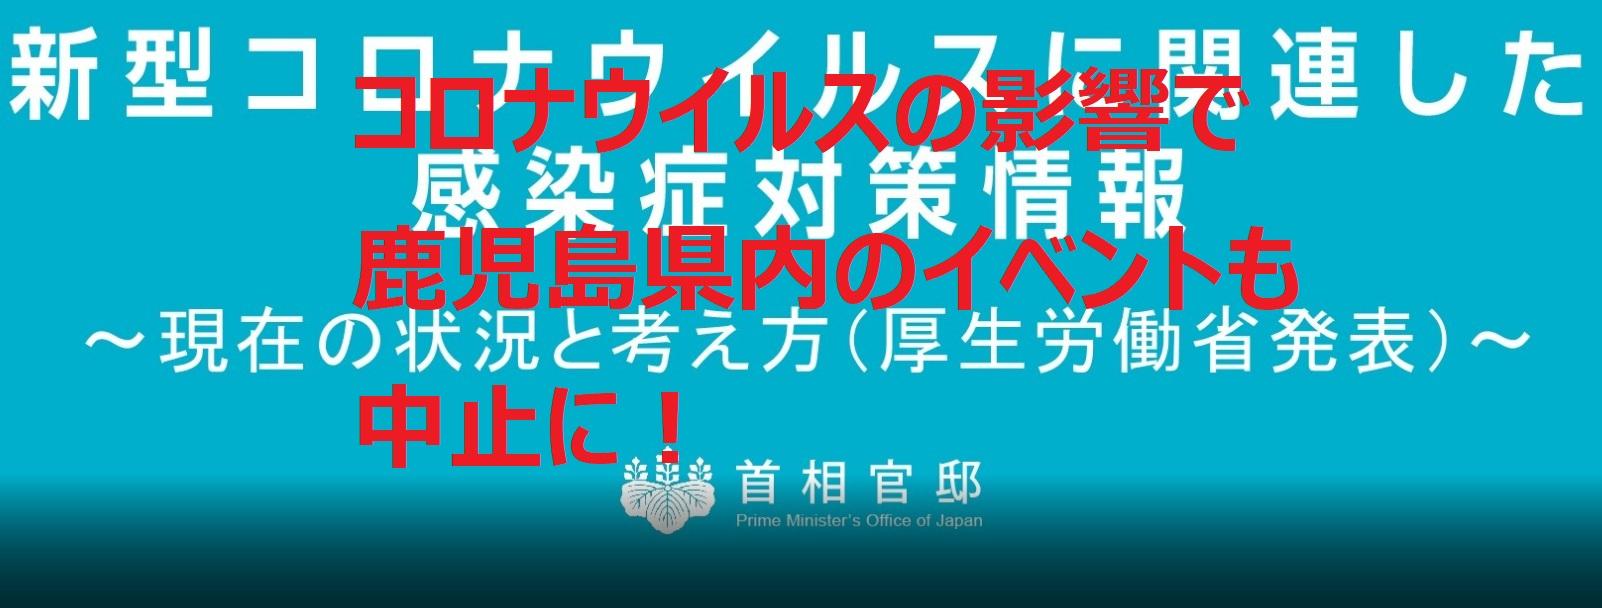 コロナウイルスの影響で鹿児島県内のイベントも中止に! イメージ画像